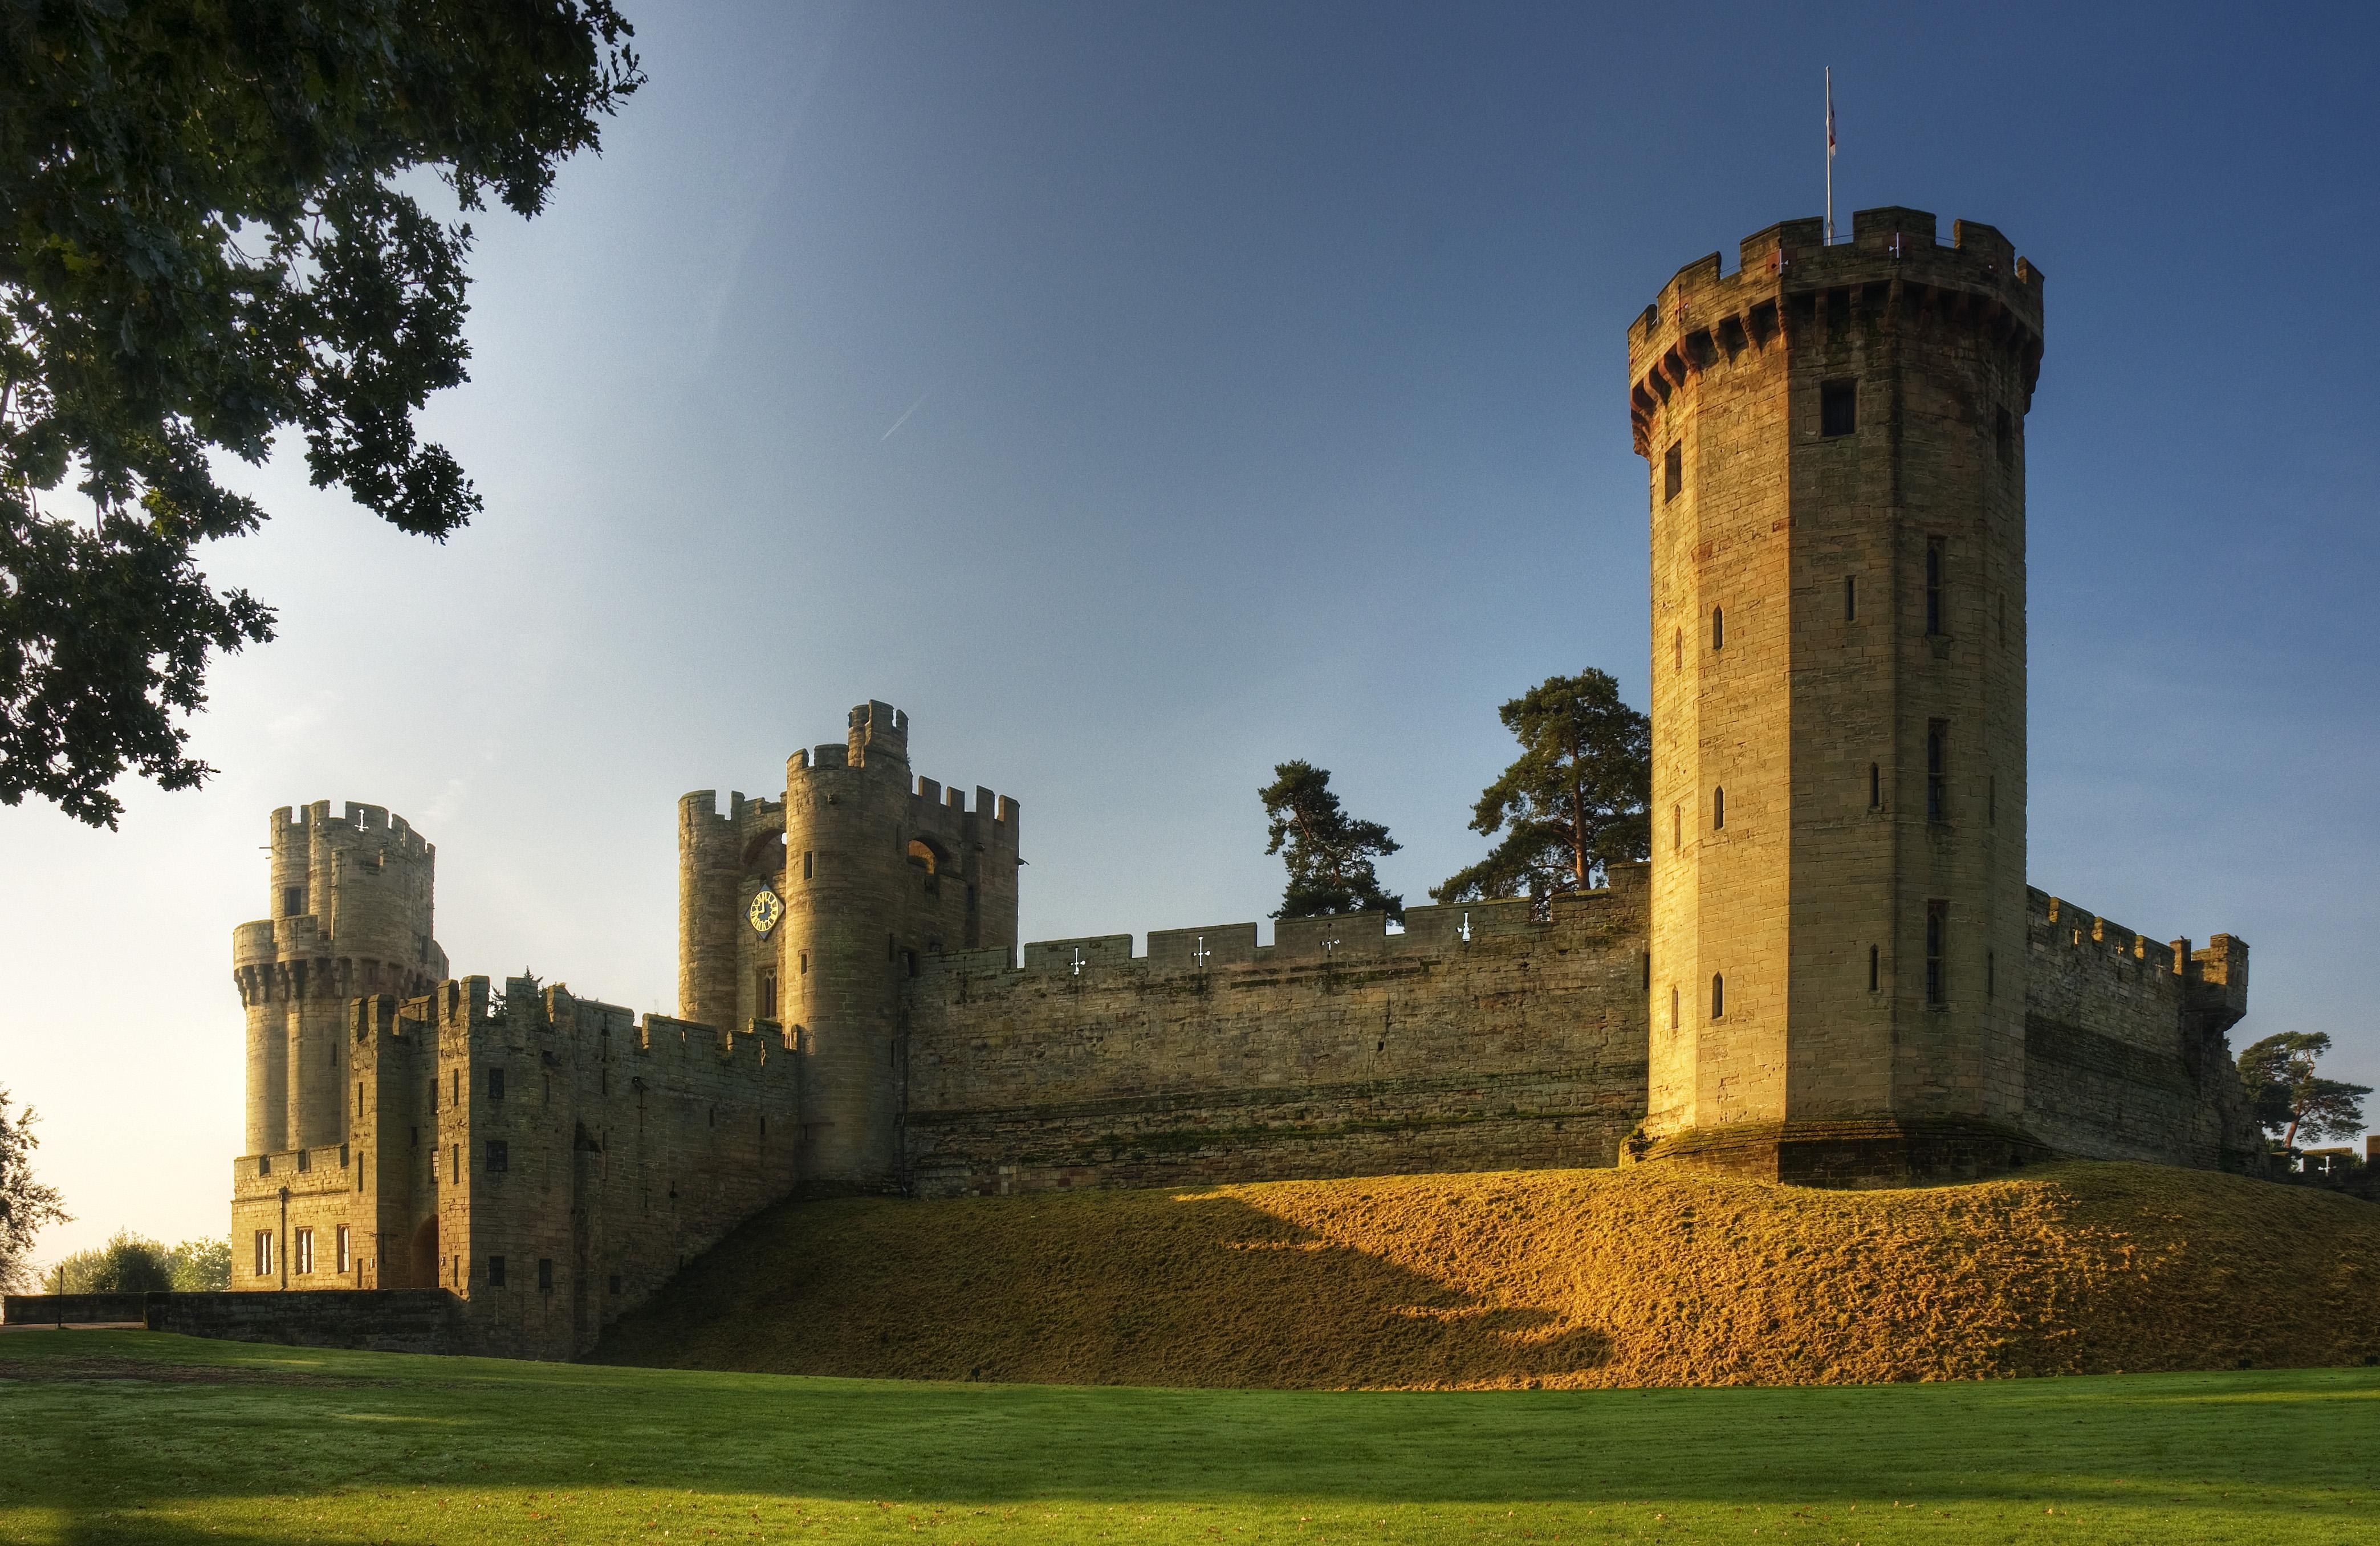 гостиной, фотографии старых замков и башен утро, ещё темно